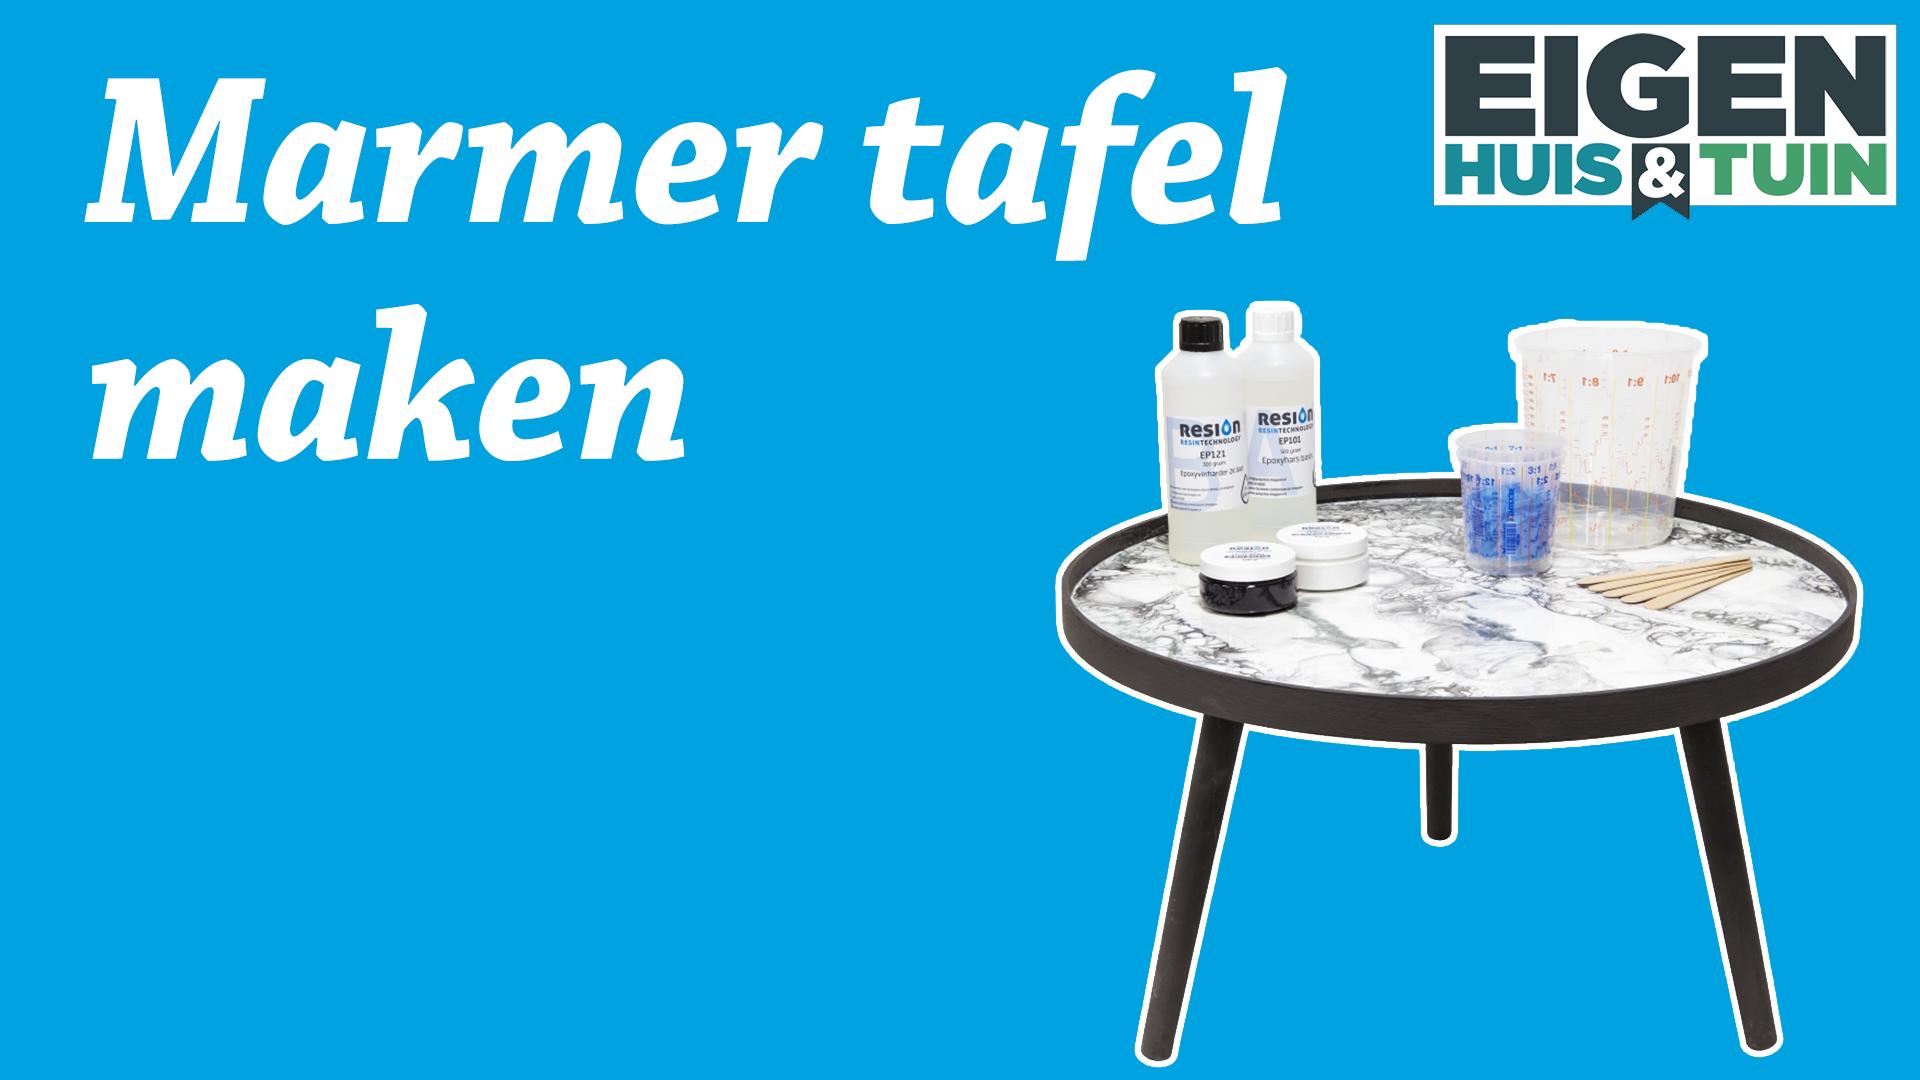 Maak een Marmer tafel zoals bij Eigen Huis & Tuin